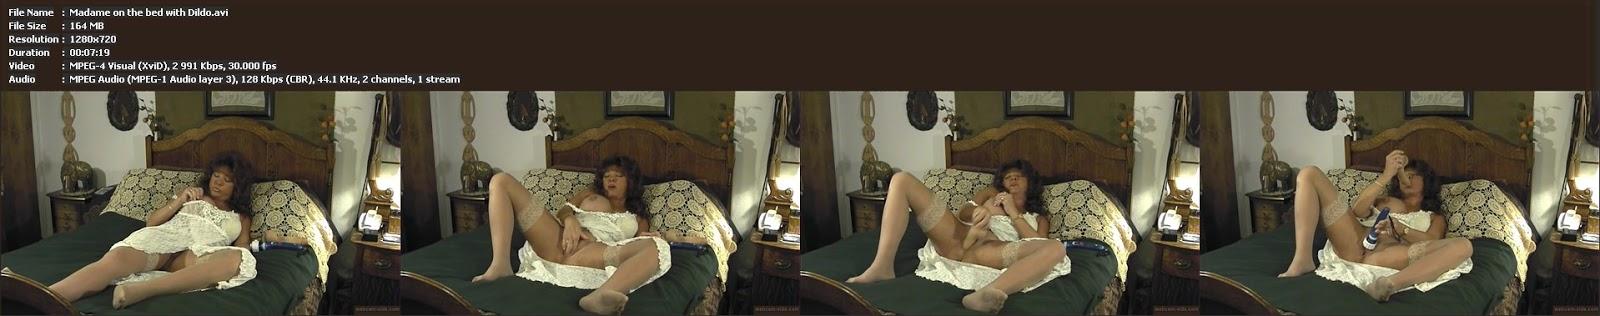 08 vera delight granny likes it rough anal 7